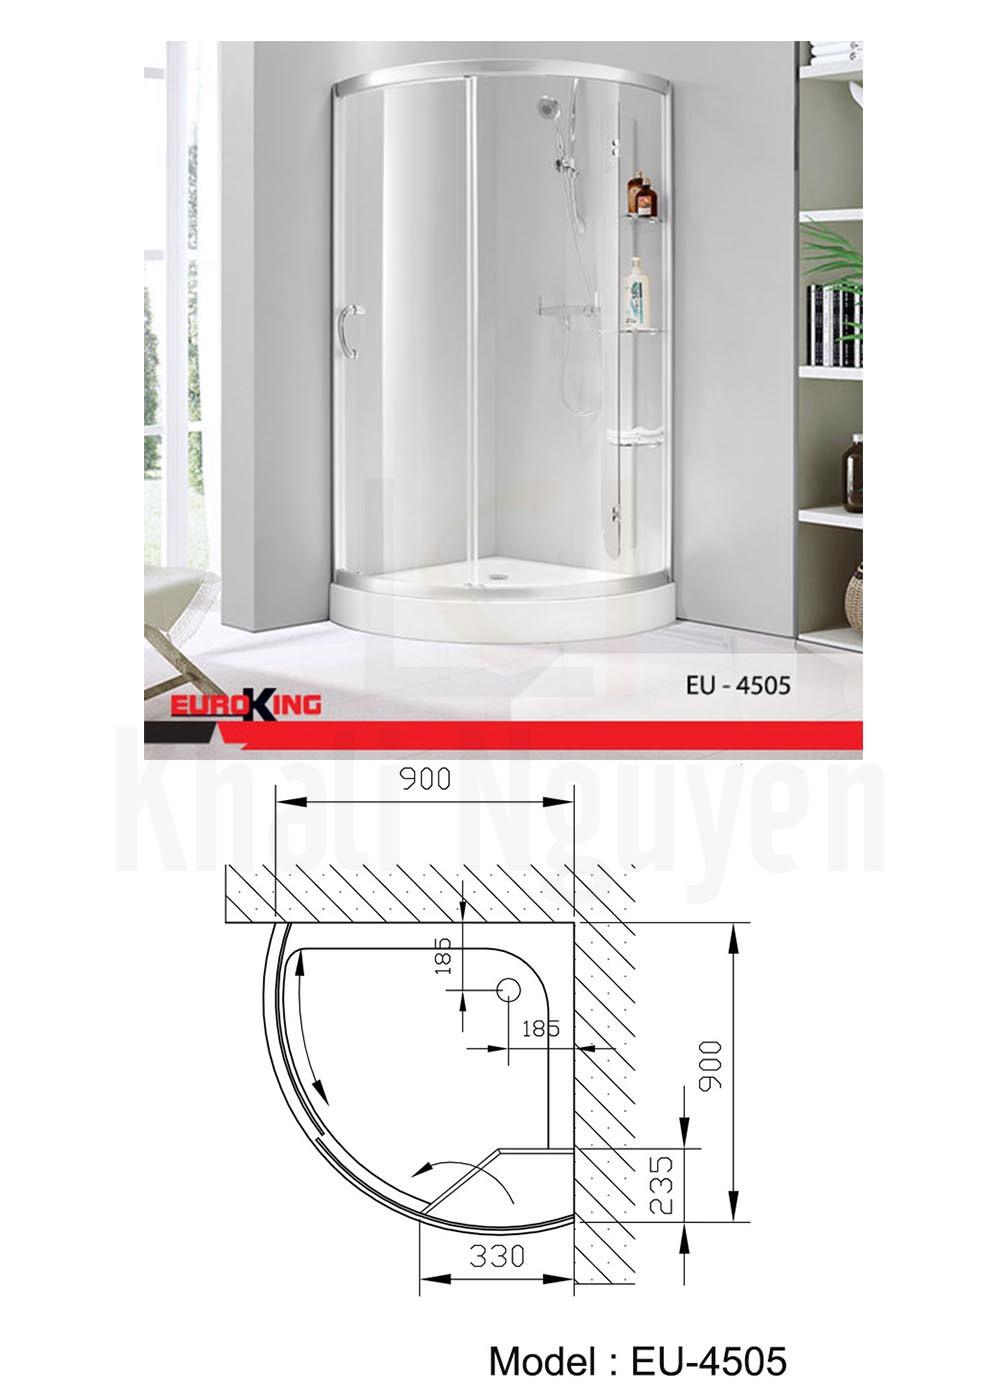 Bản vẽ Phòng tắm vách kính Euroking EU- 4505